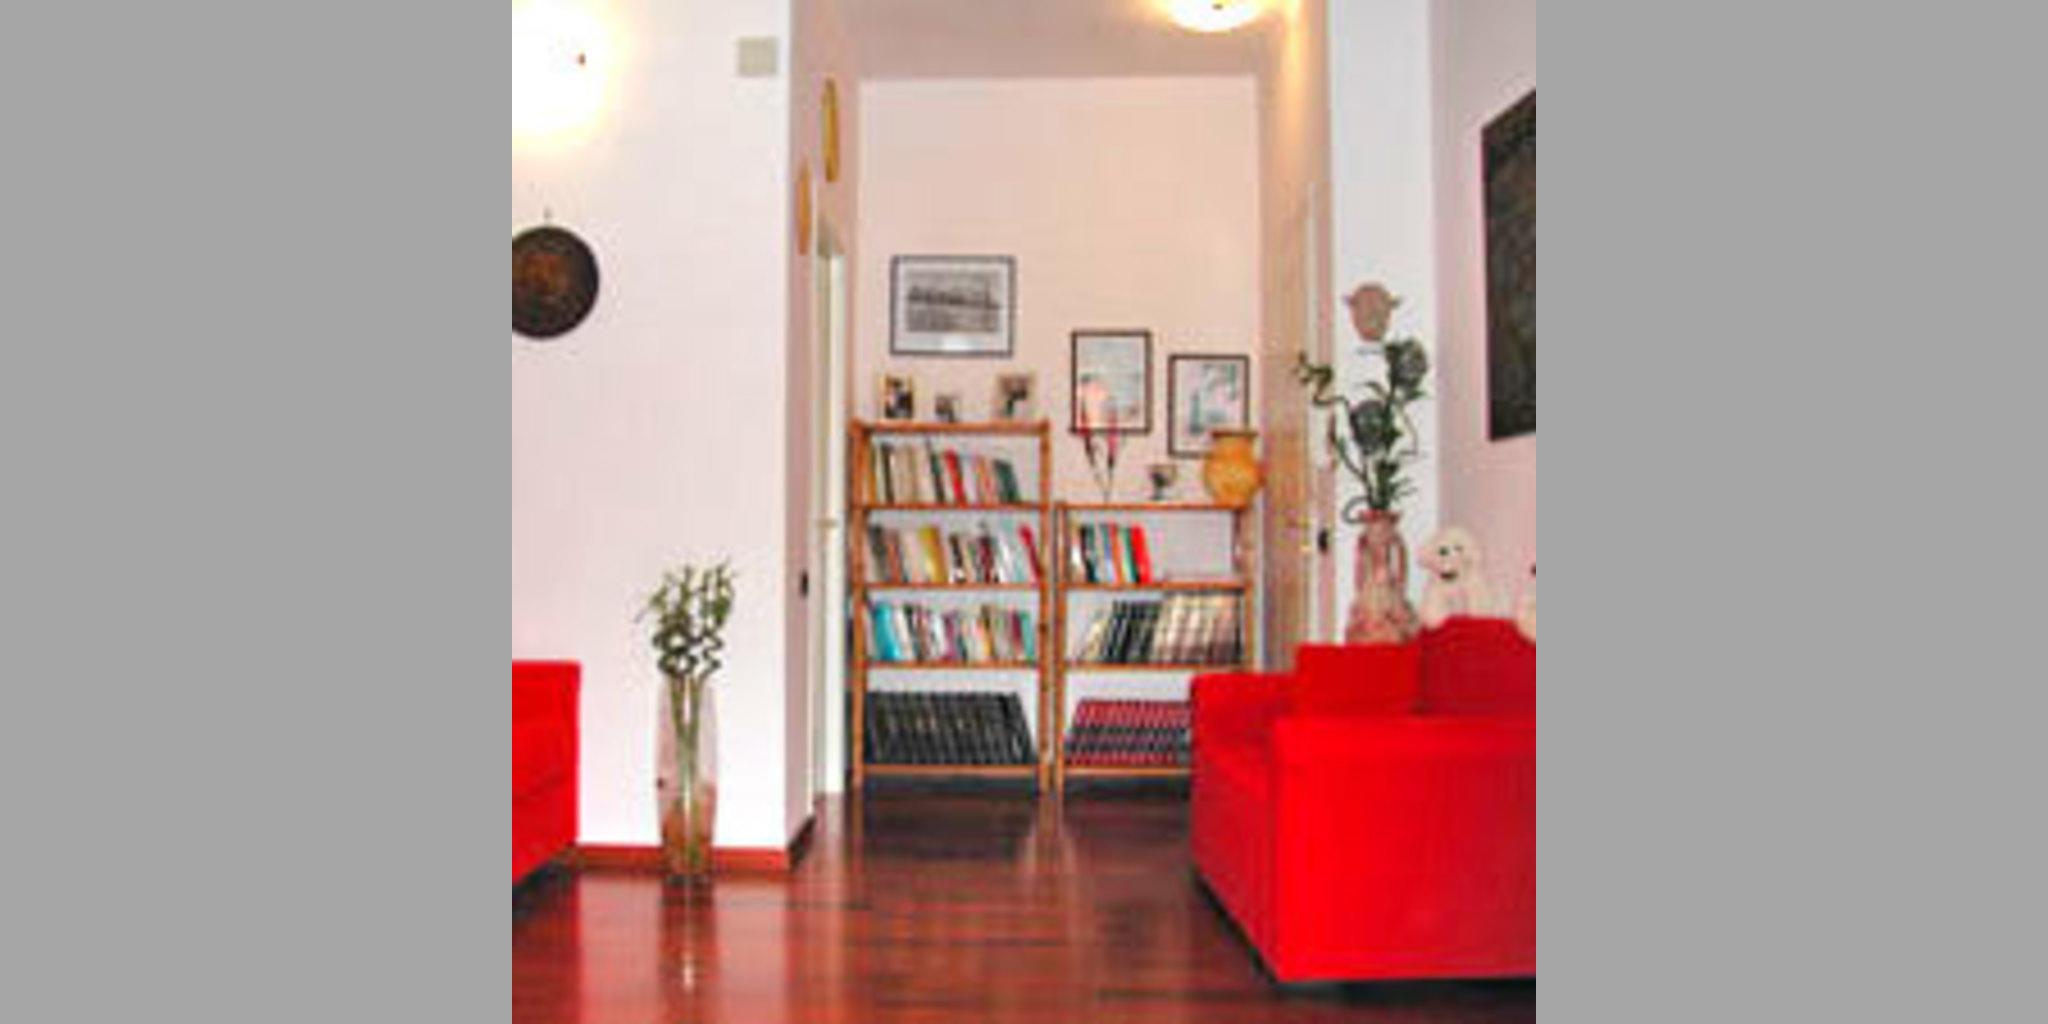 Bed & Breakfast Cagliari - Donizetti